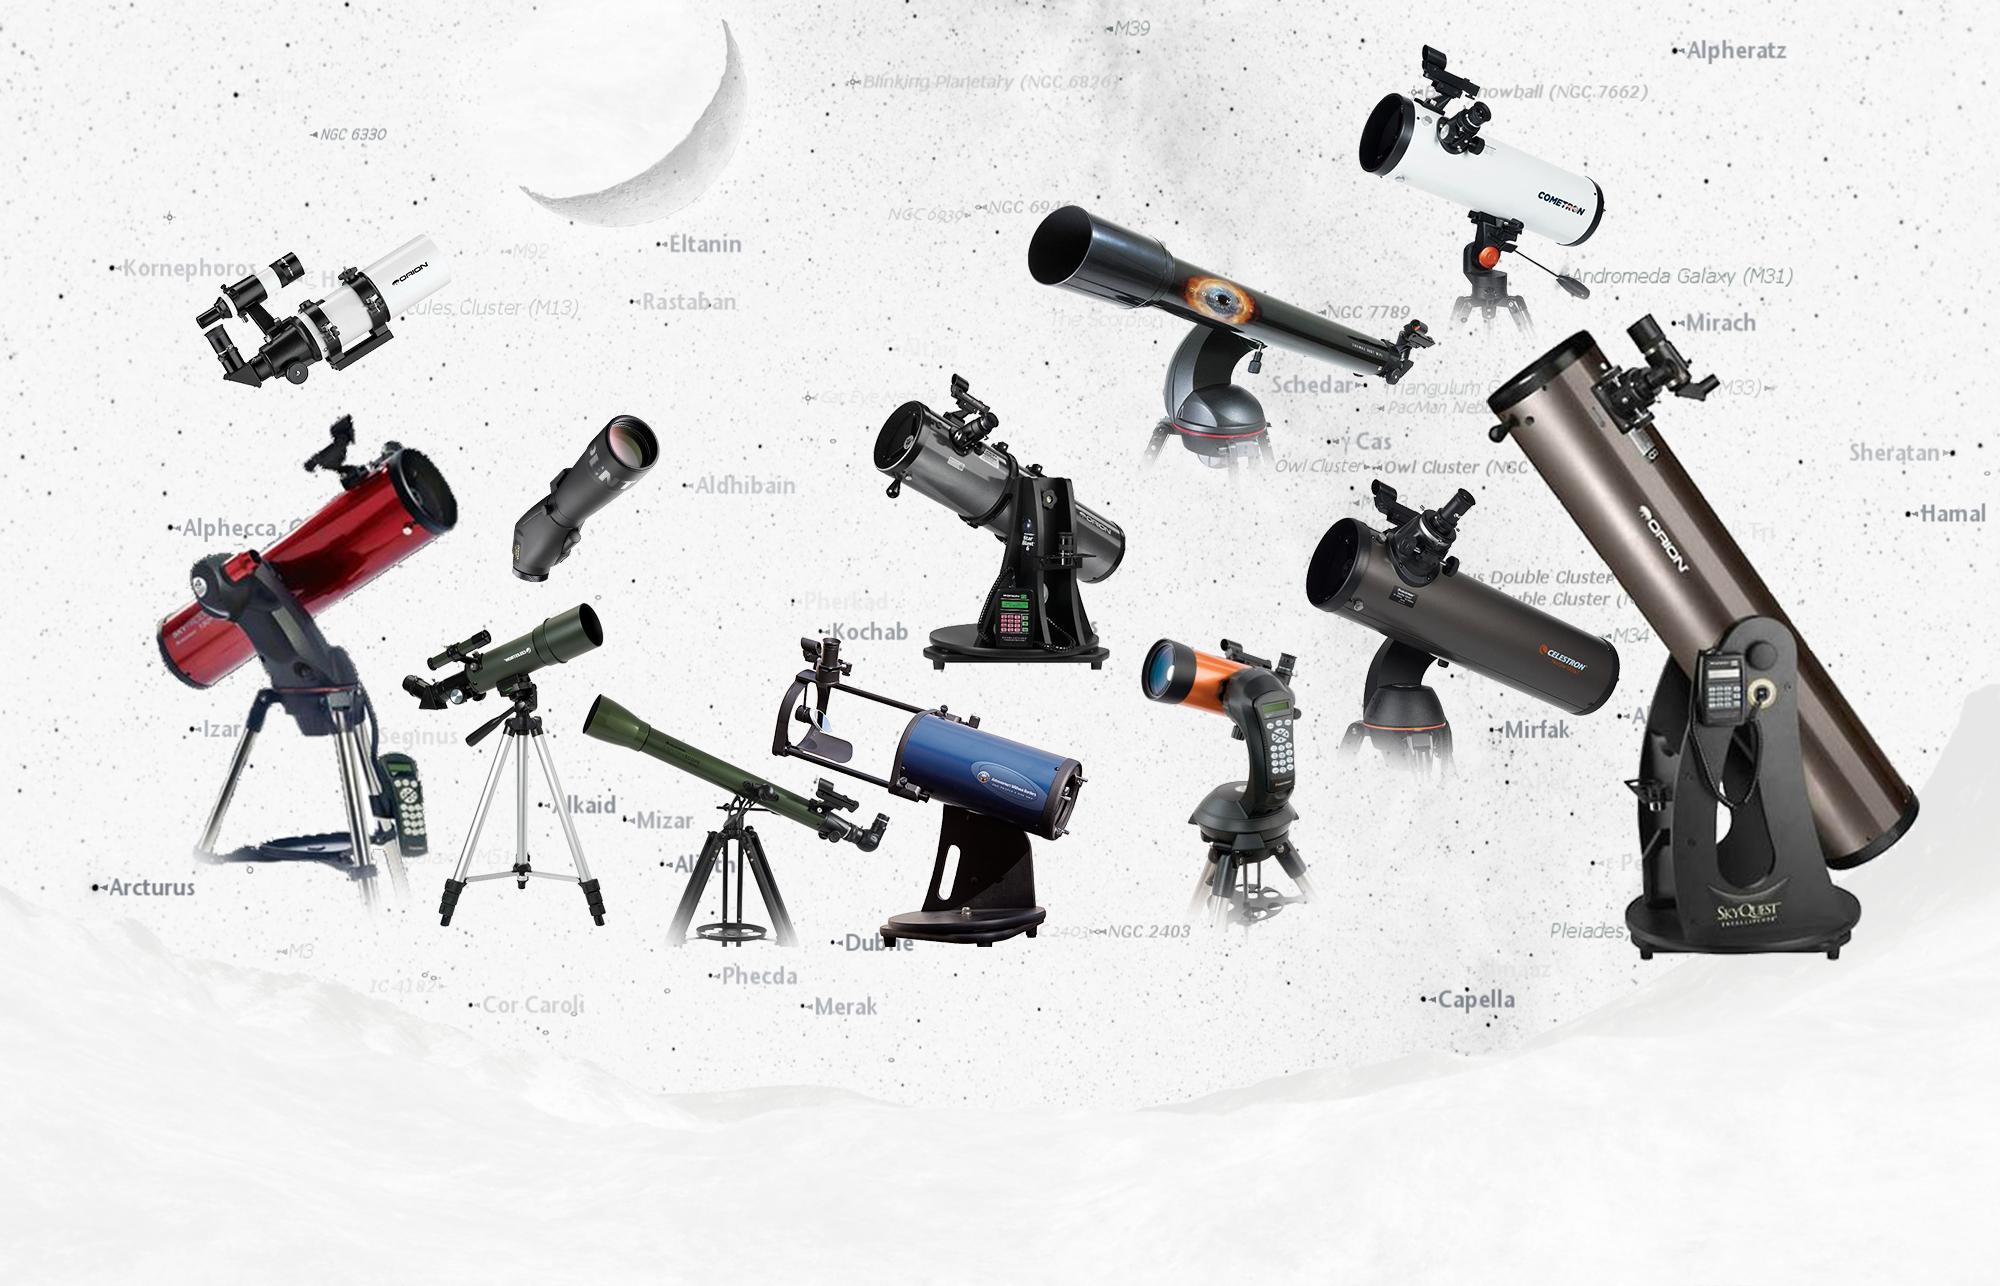 Best Telescopes for the Money